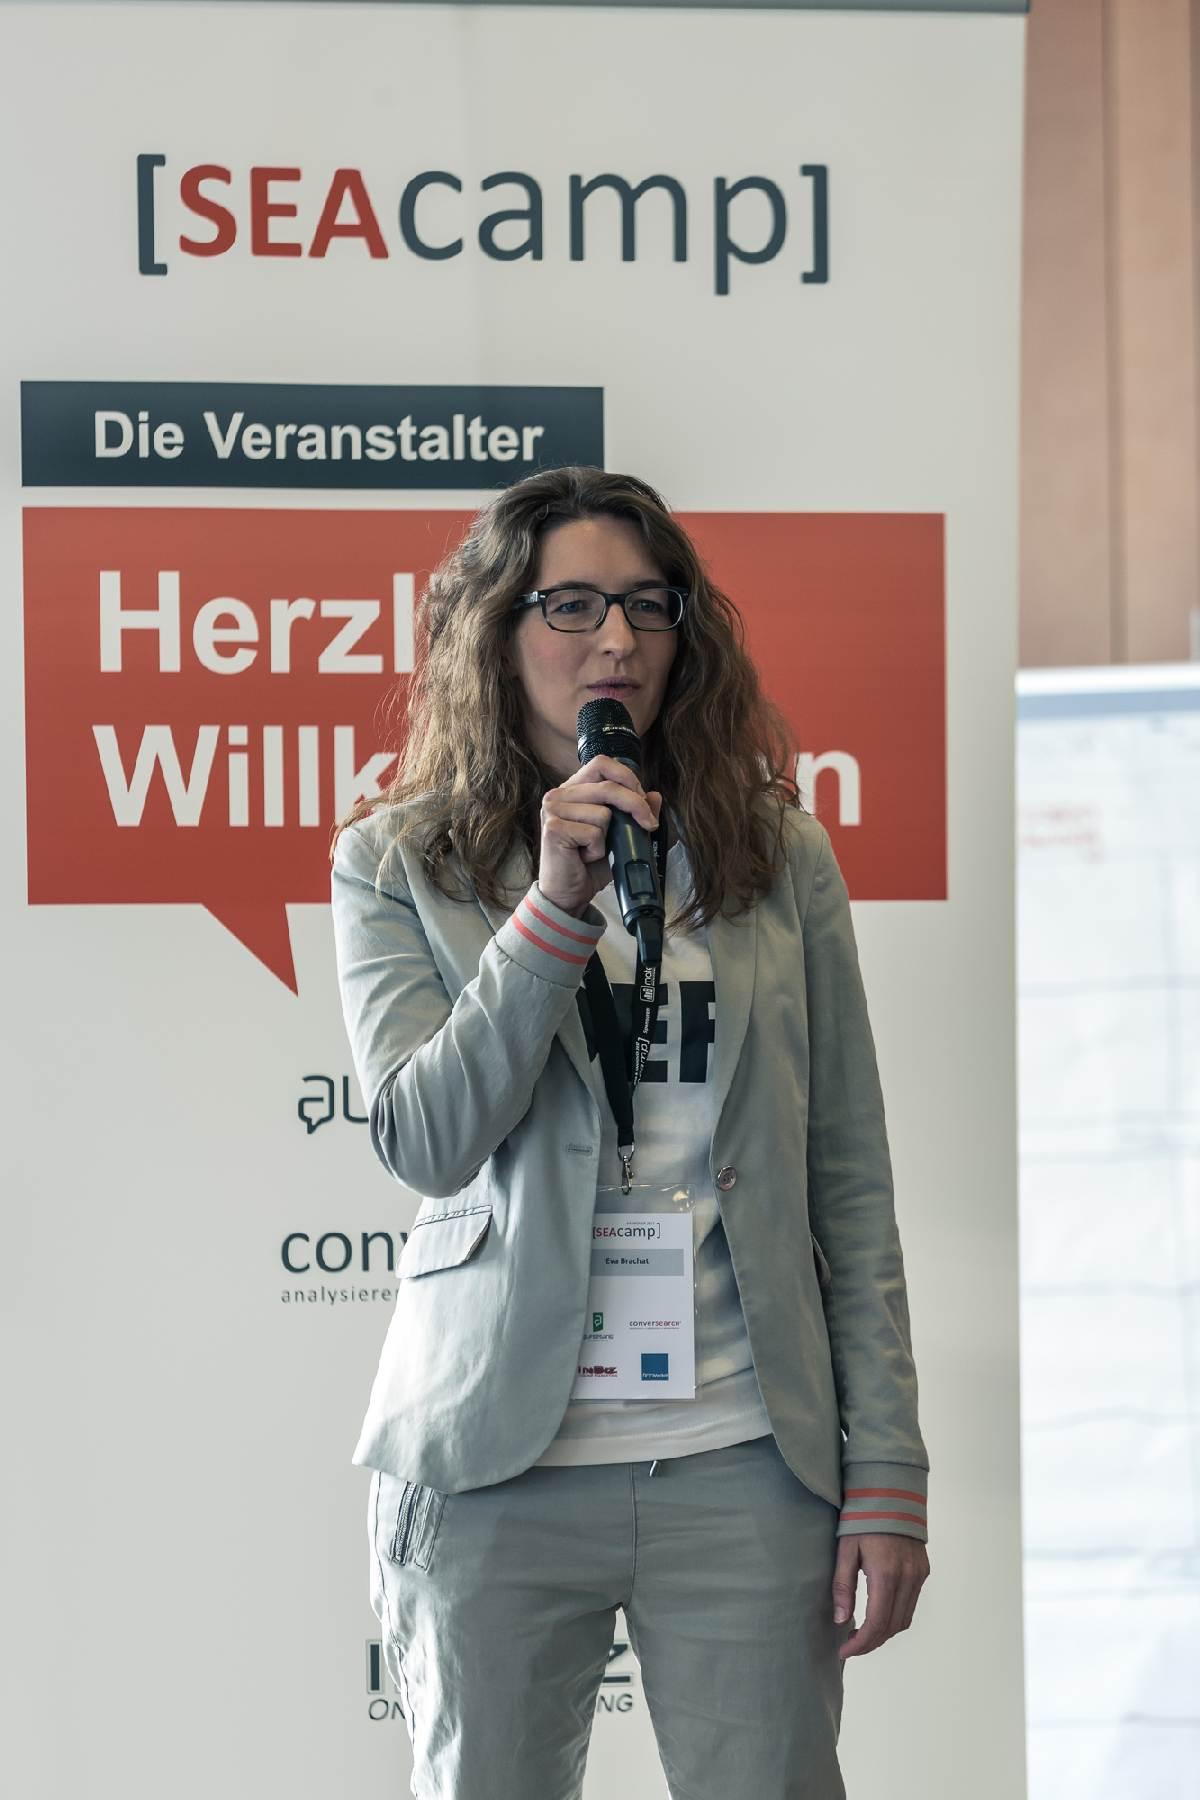 hannover_2017_SEAcamp-619